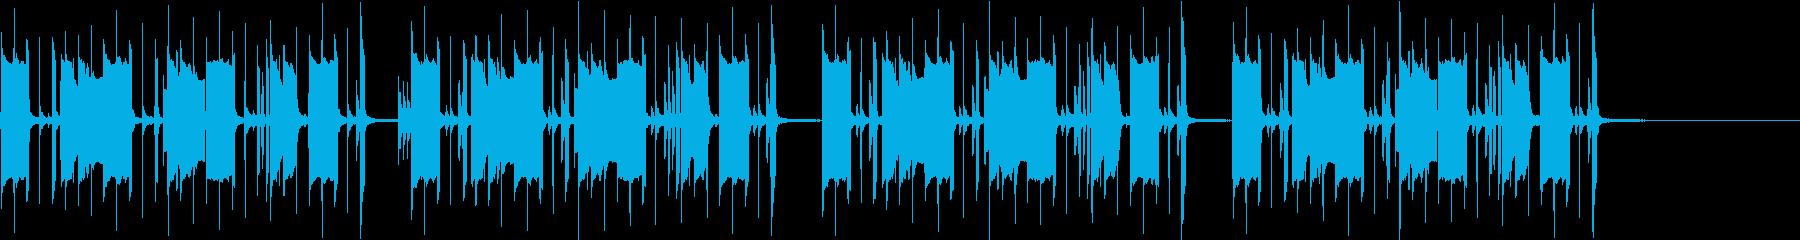 まぬけなBGM1の再生済みの波形